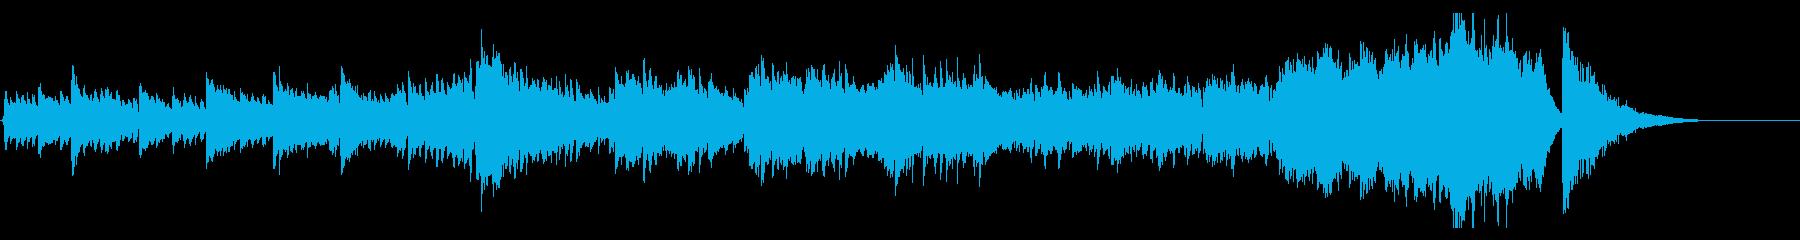 重なりあうピアノの深い響きが幻想的な楽曲の再生済みの波形